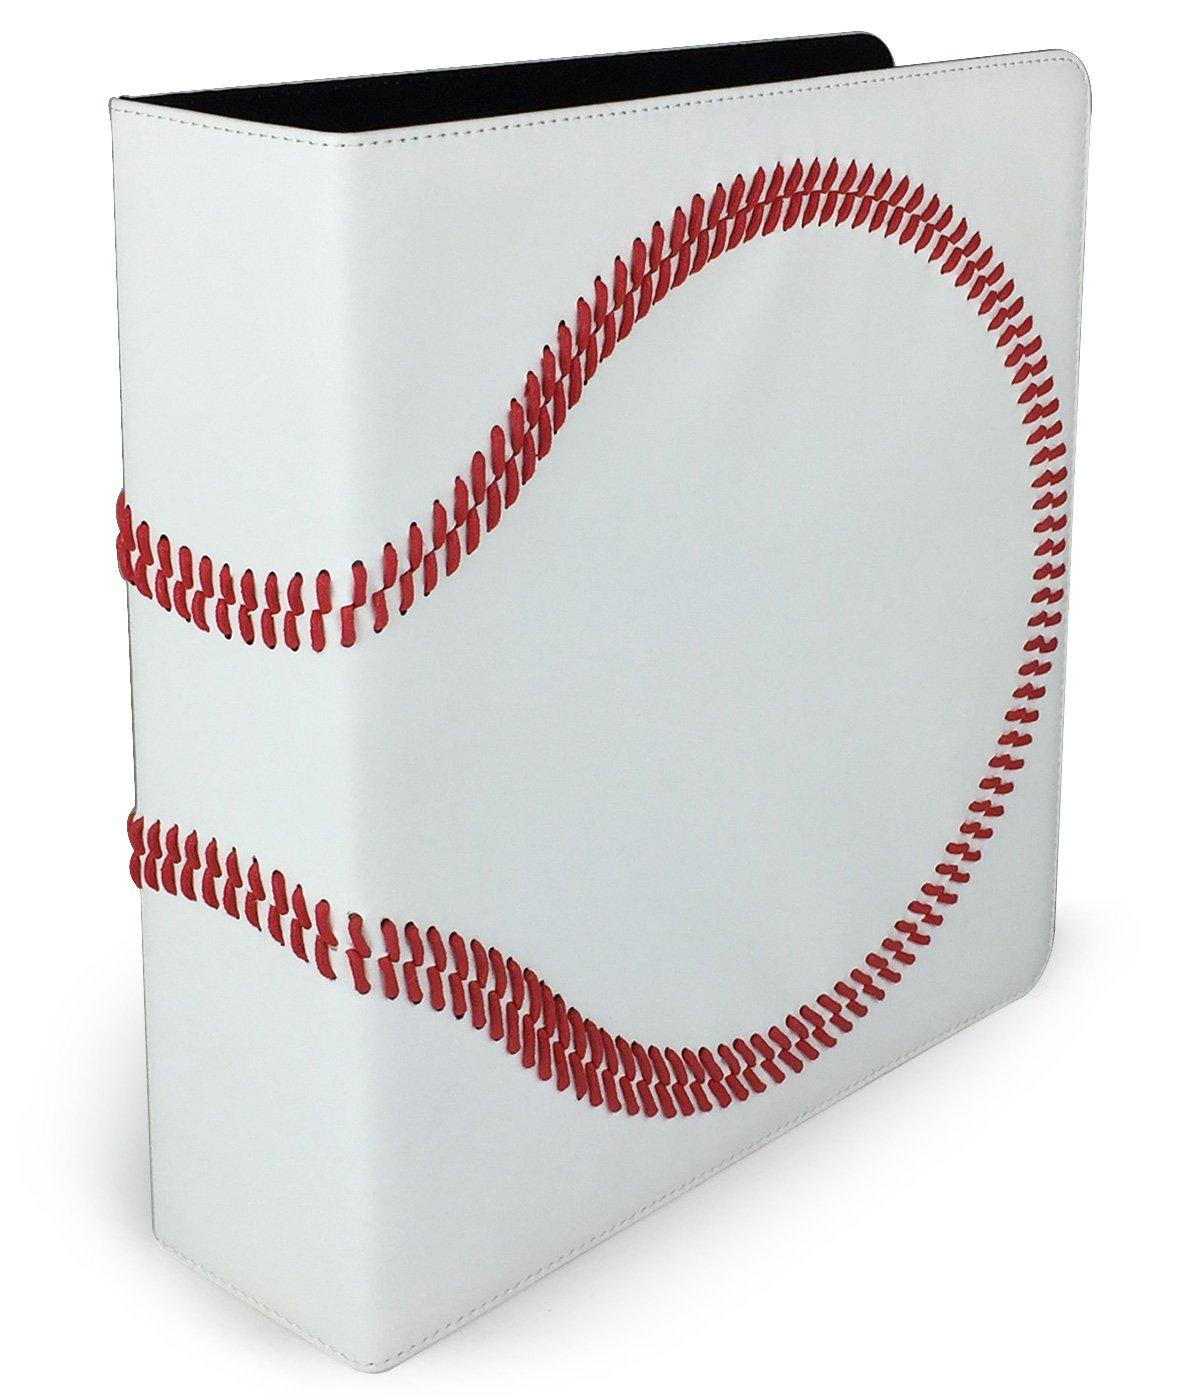 Premium Baseball 3-Ring Binder by BCW